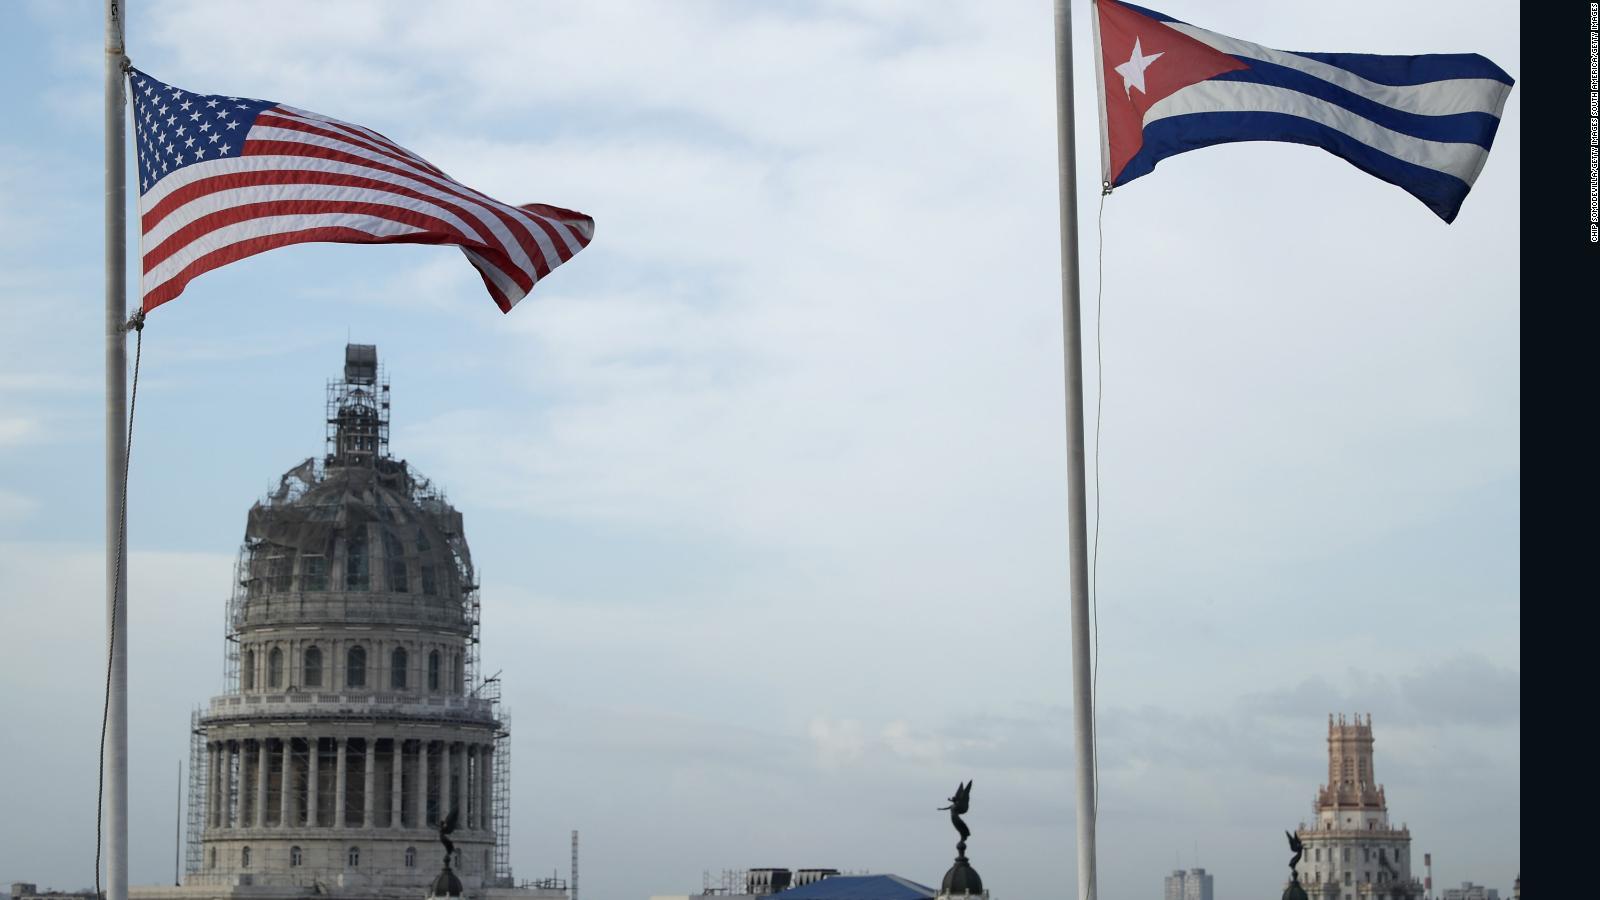 EE.UU. no tiene un agenda secreta contra Cuba, dice funcionario de la Casa Blanca